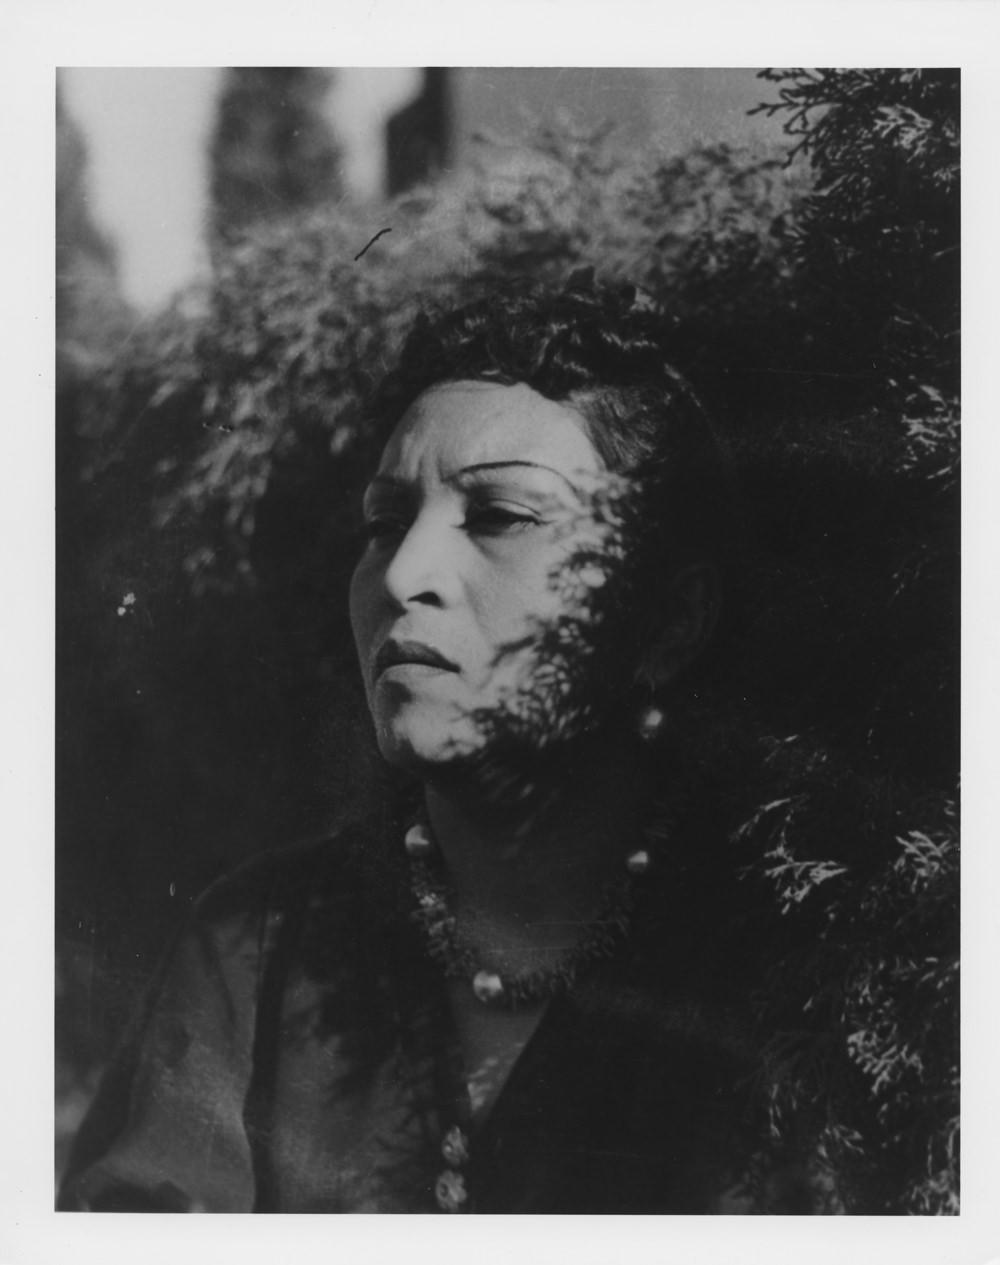 La photographe de Frida Kahlo, Lola Álvarez Bravo, célébrée à la Maison de l'Amérique latine